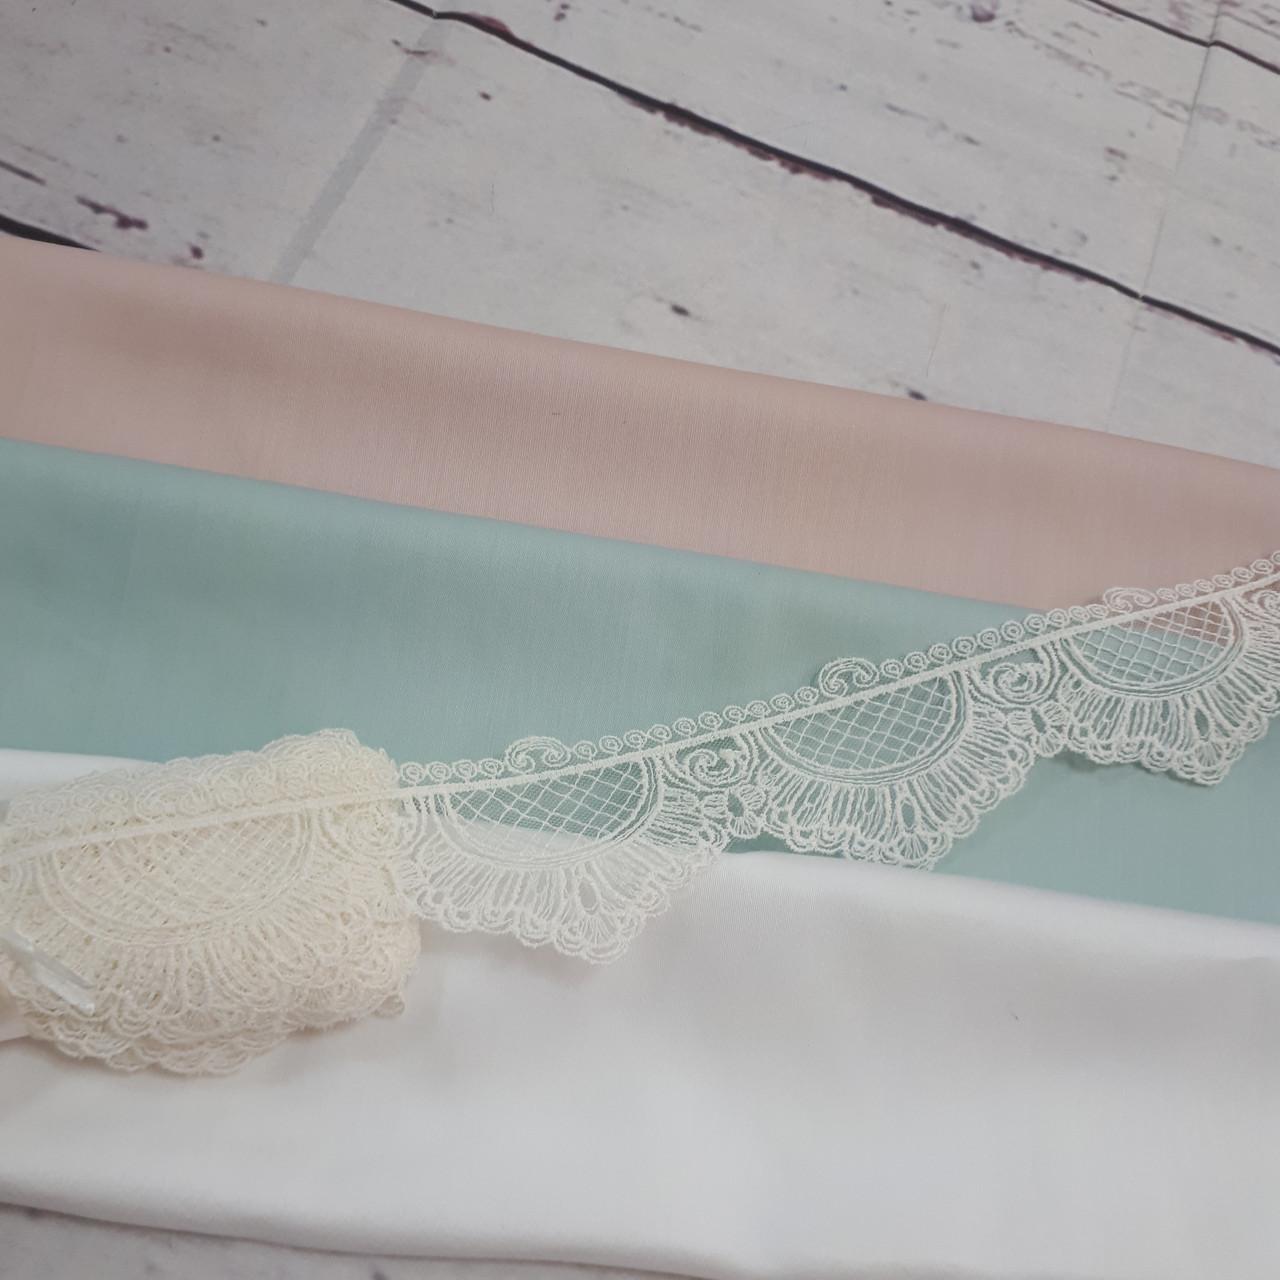 Кружево прозрачное (6,5см) белого цвета в сеточку (длина - 9м)